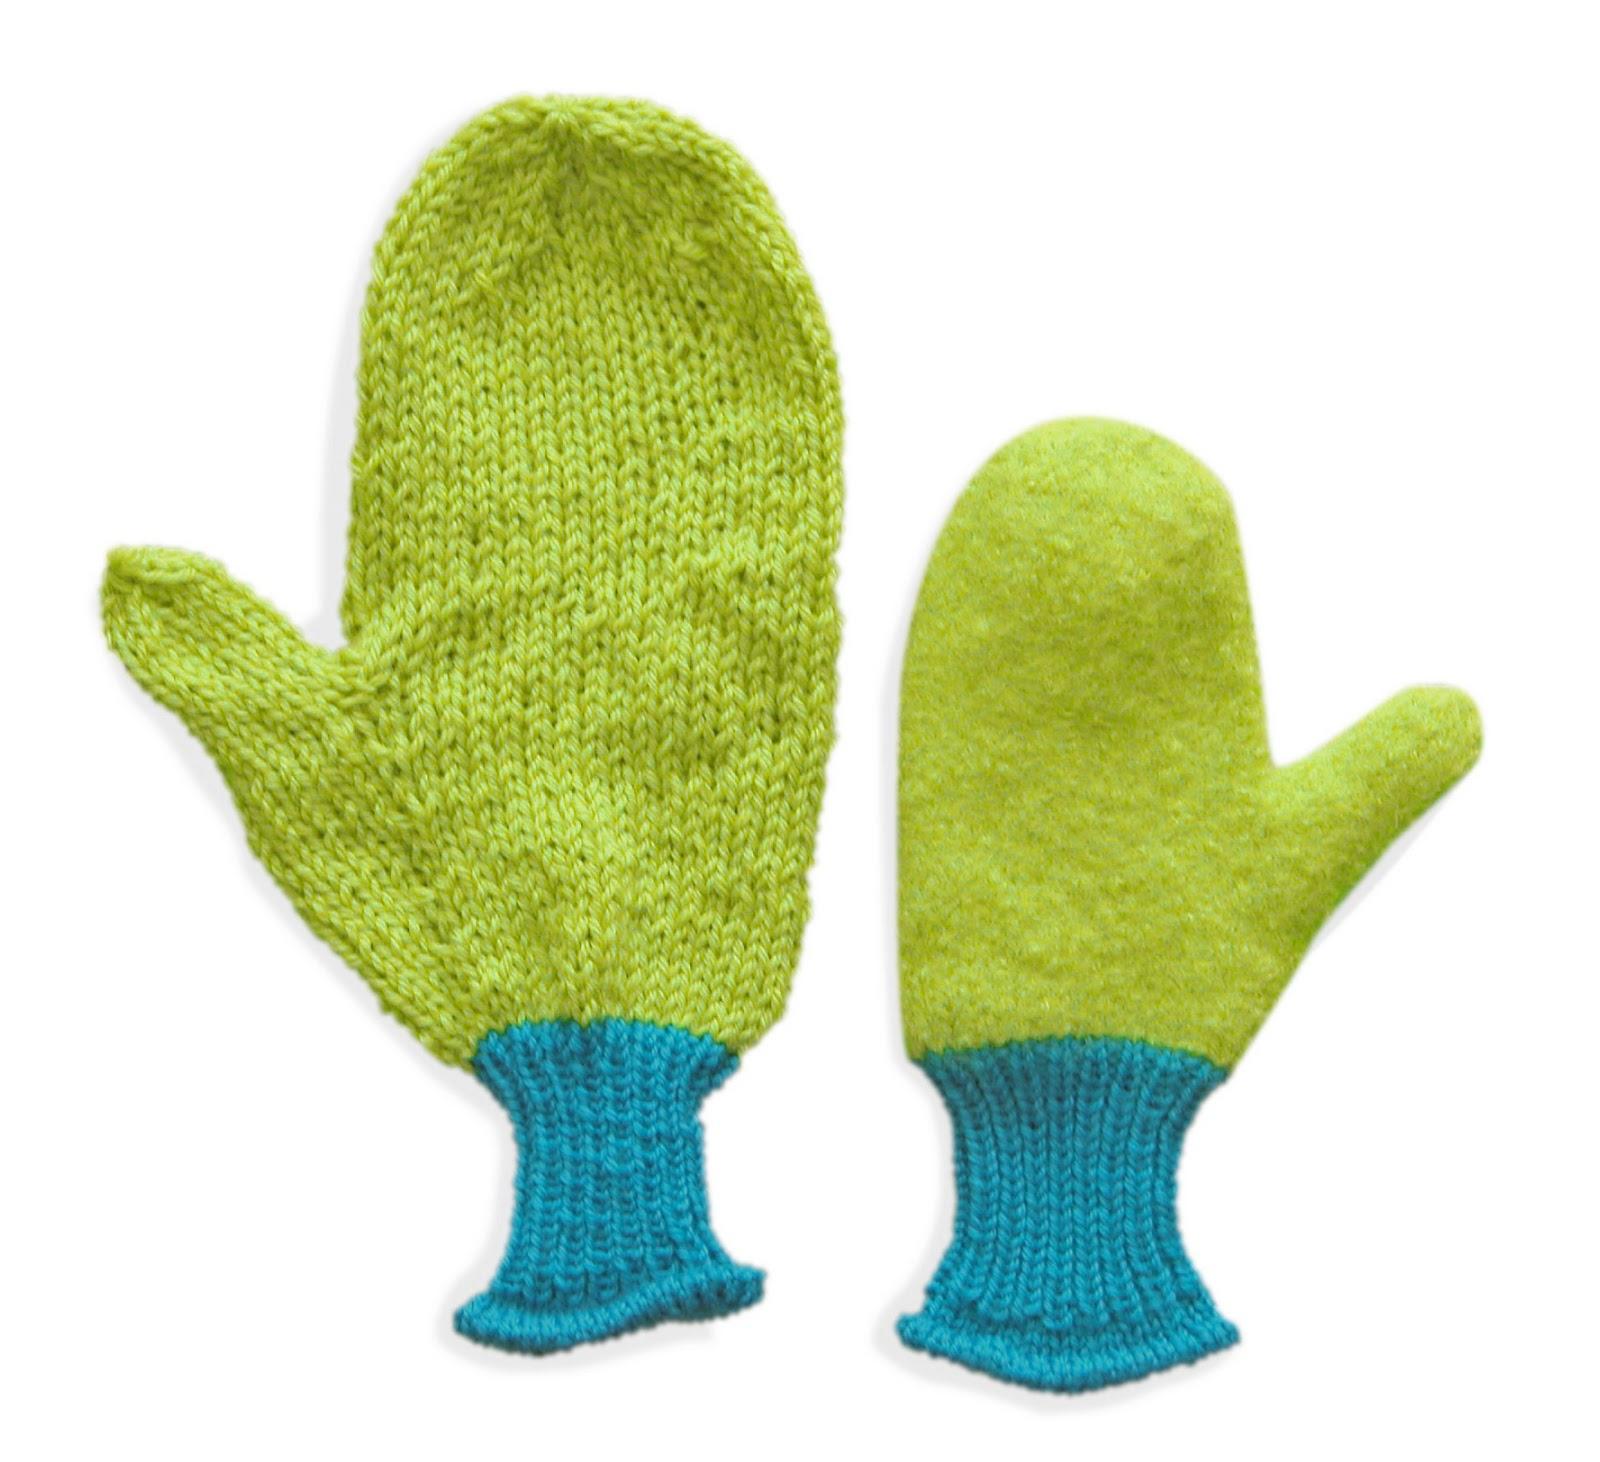 Techknitting A Felting Primer For Hand Knits Wet Felting